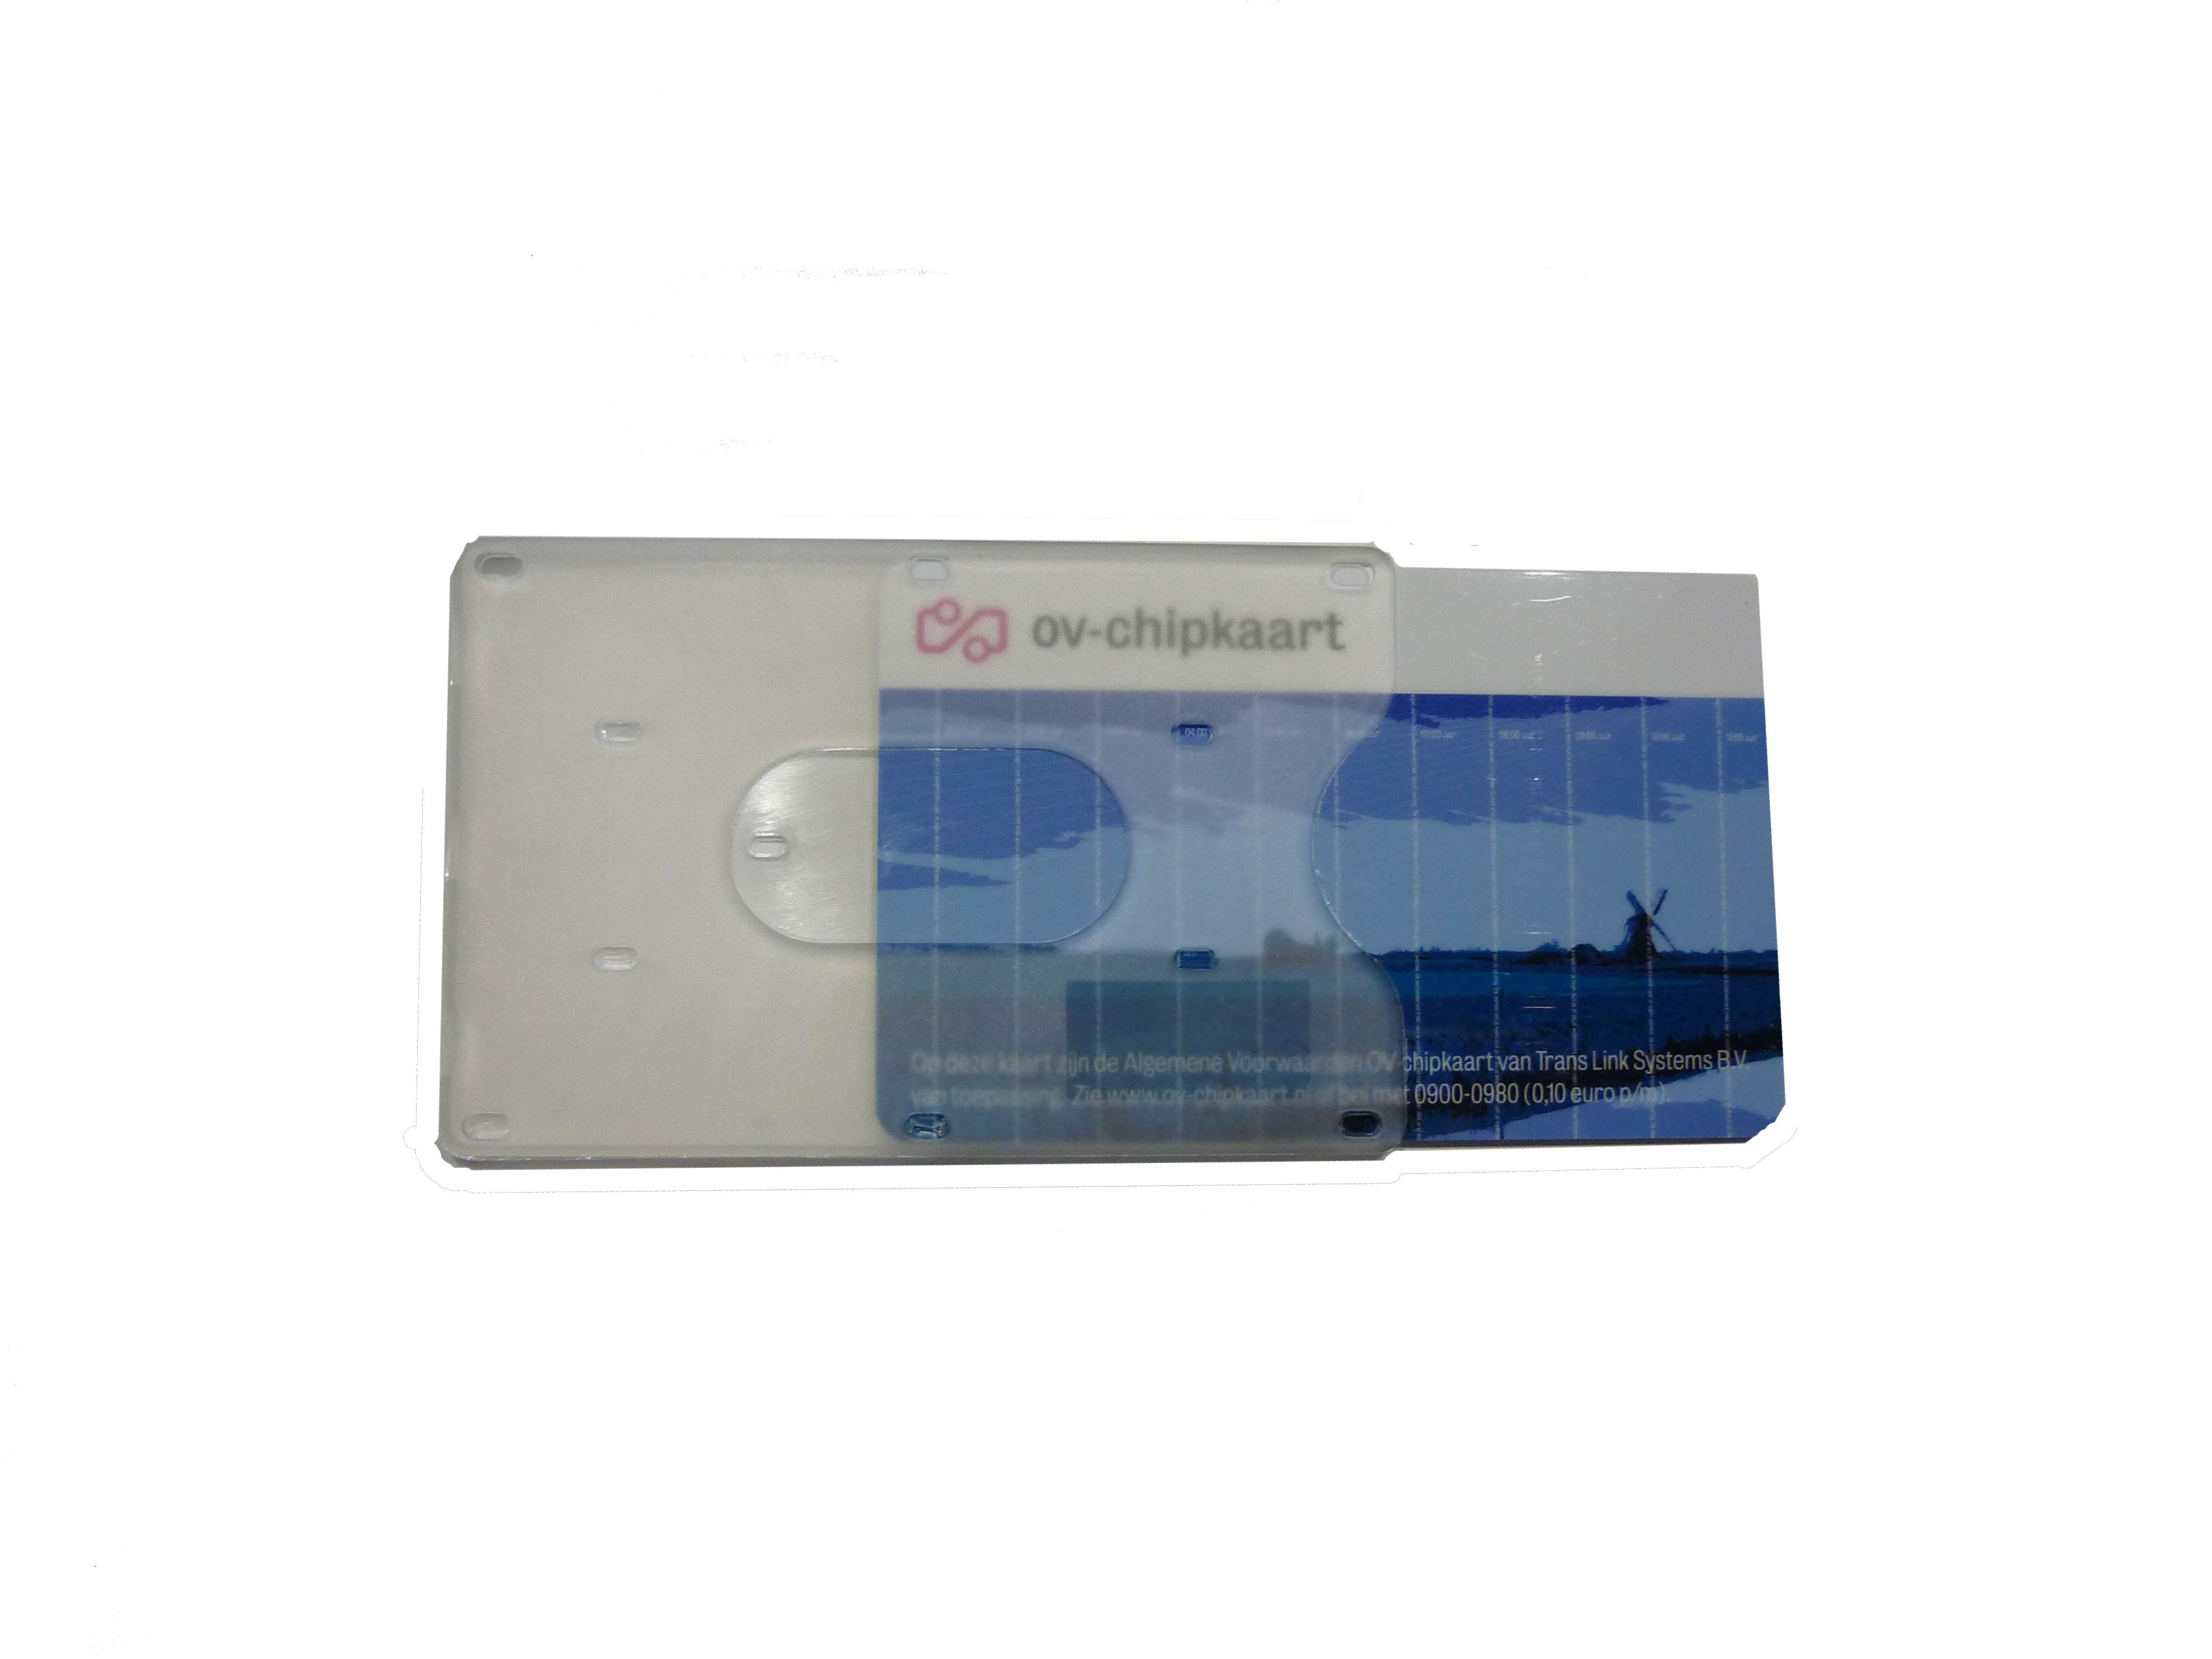 ff88ea6dcde OV-chipkaart hoesje transparant (matte afwerking) - OV-chipkaart kopen